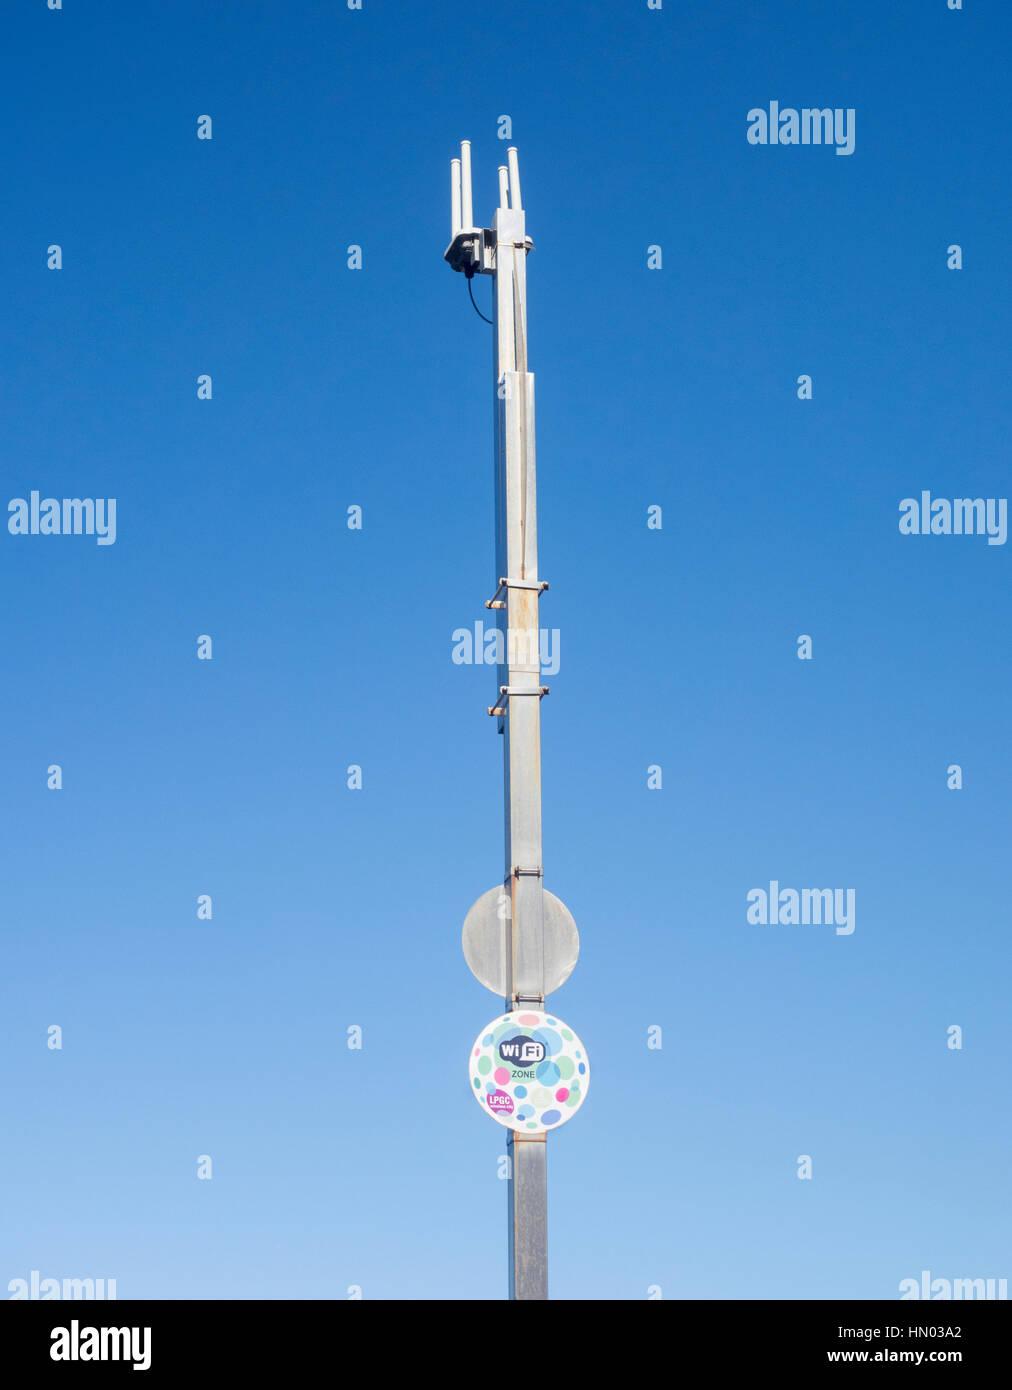 Wlan Antennen am Strand in Spanien Stockbild